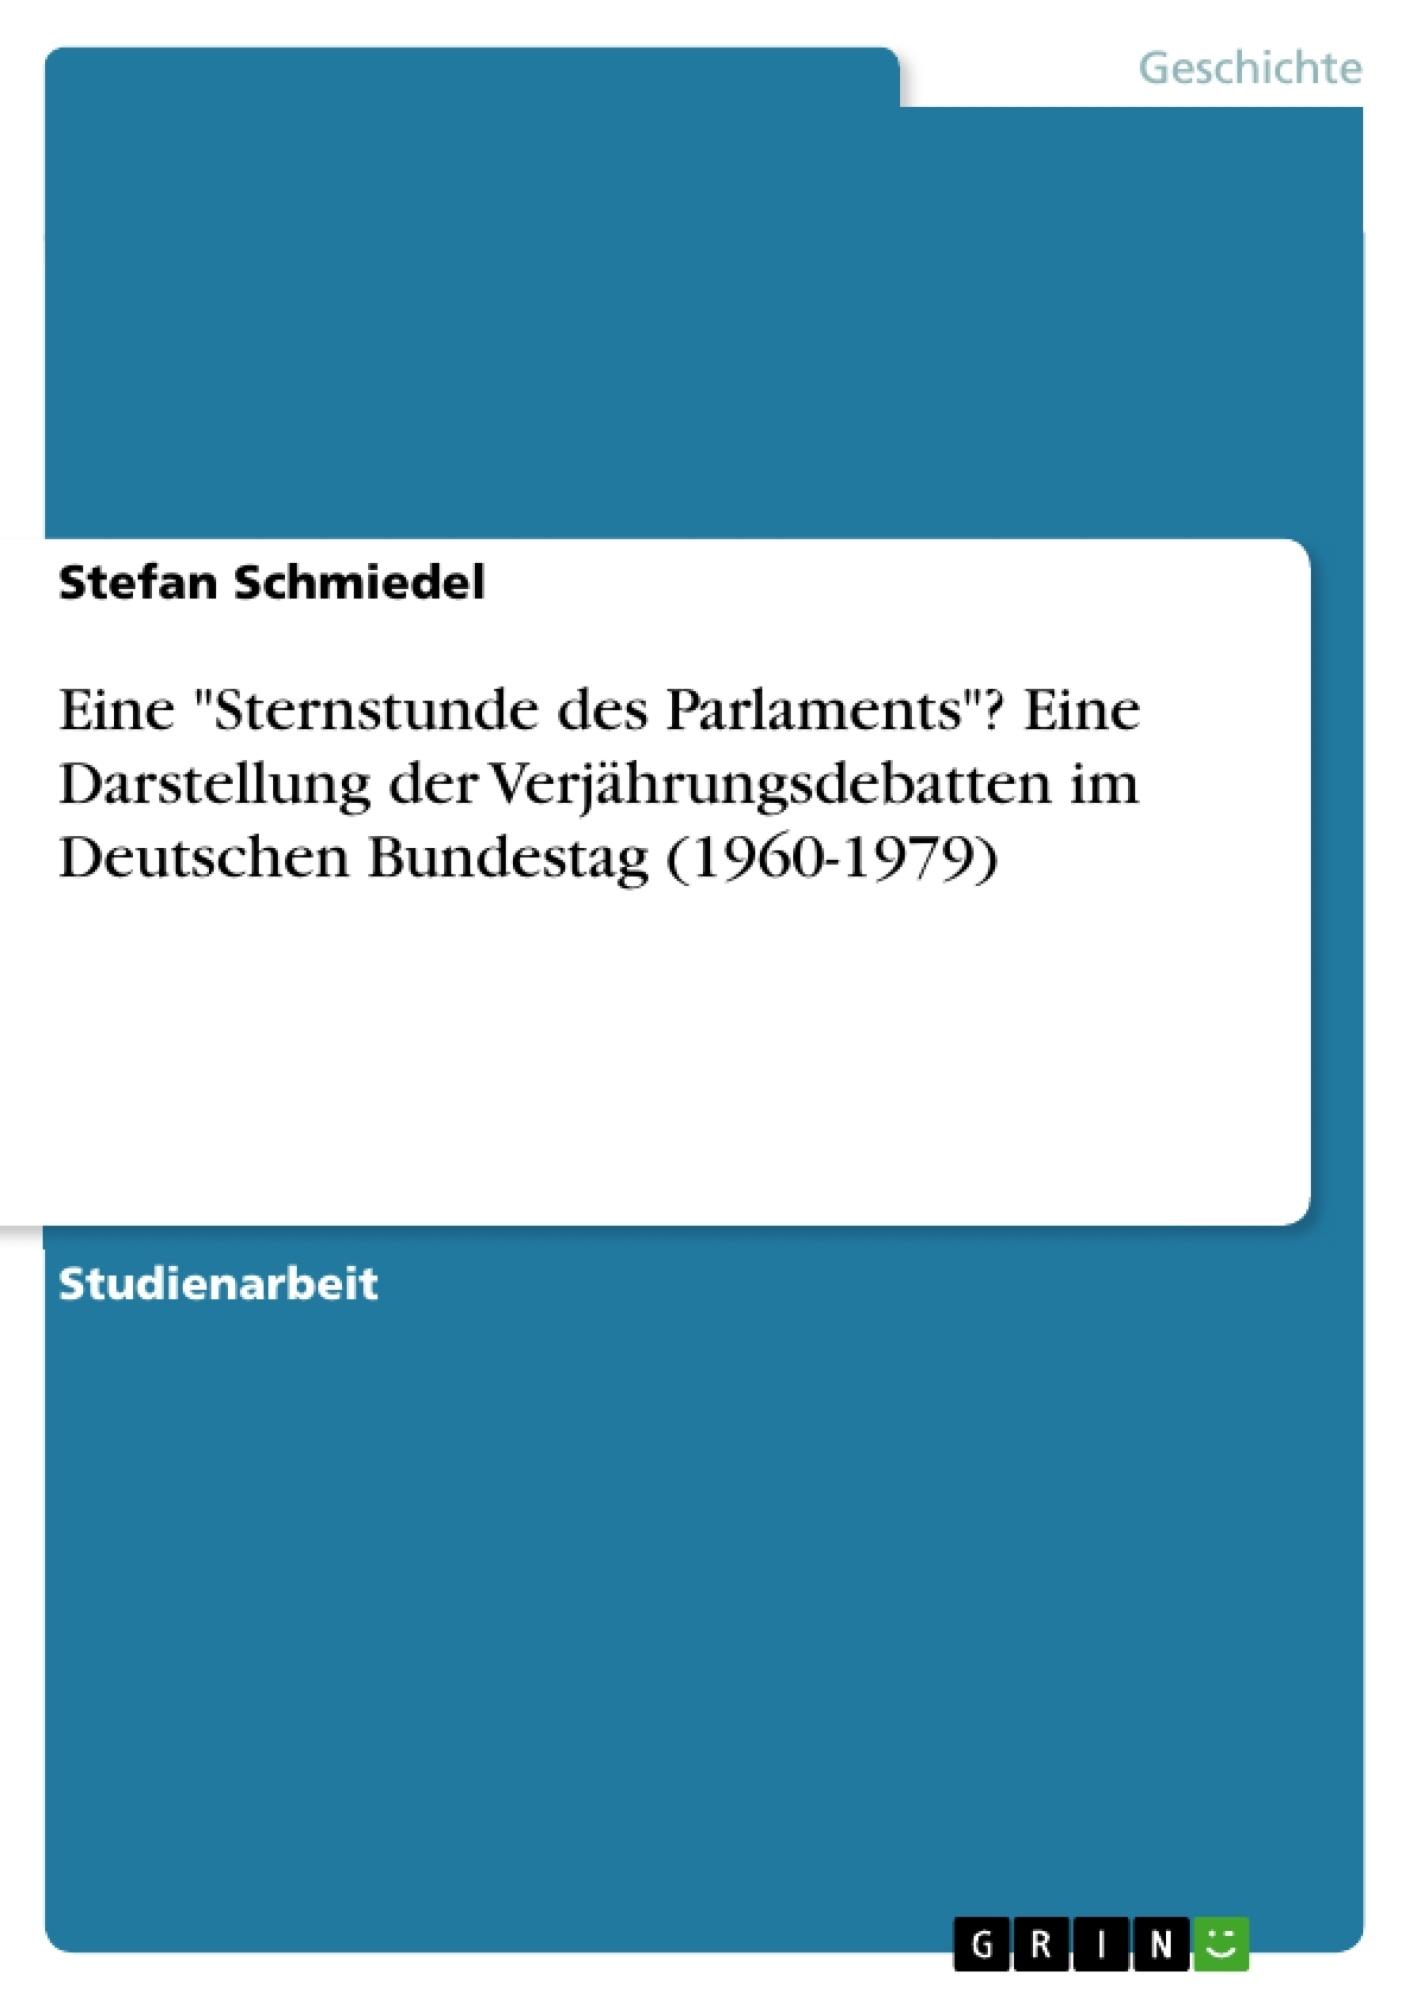 """Titel: Eine """"Sternstunde des Parlaments""""? Eine Darstellung der Verjährungsdebatten im Deutschen Bundestag (1960-1979)"""